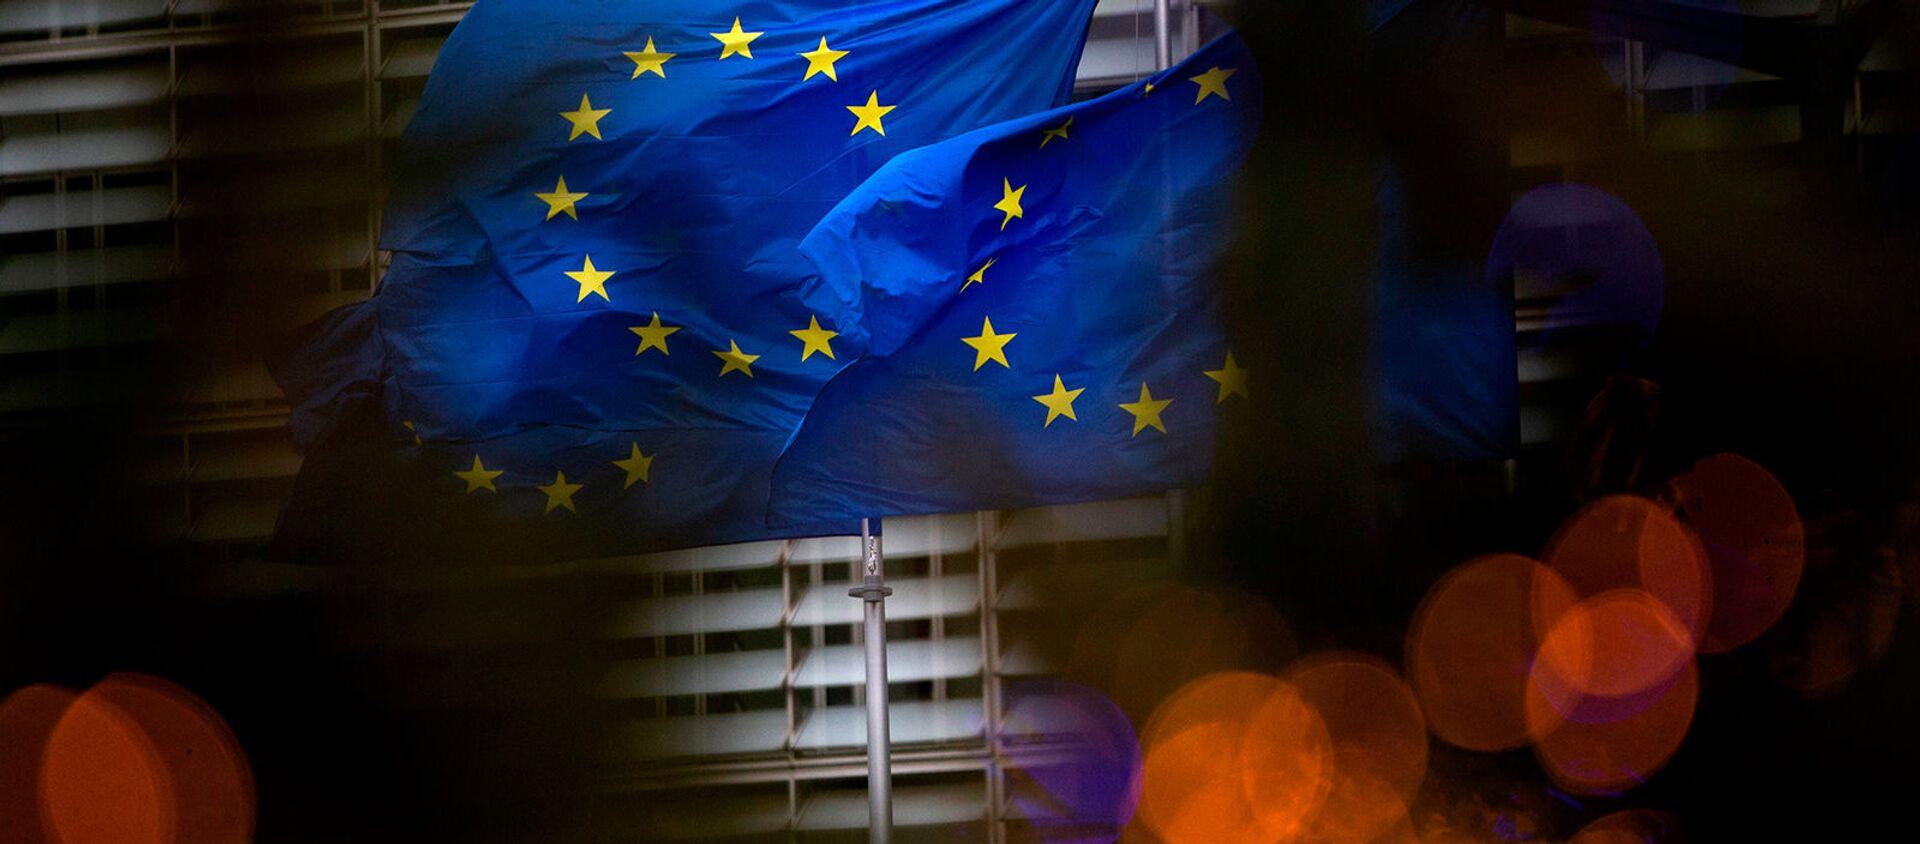 Флаги Европейского союза перед штаб-квартирой ЕС в Брюсселе - Sputnik Грузия, 1920, 15.02.2021